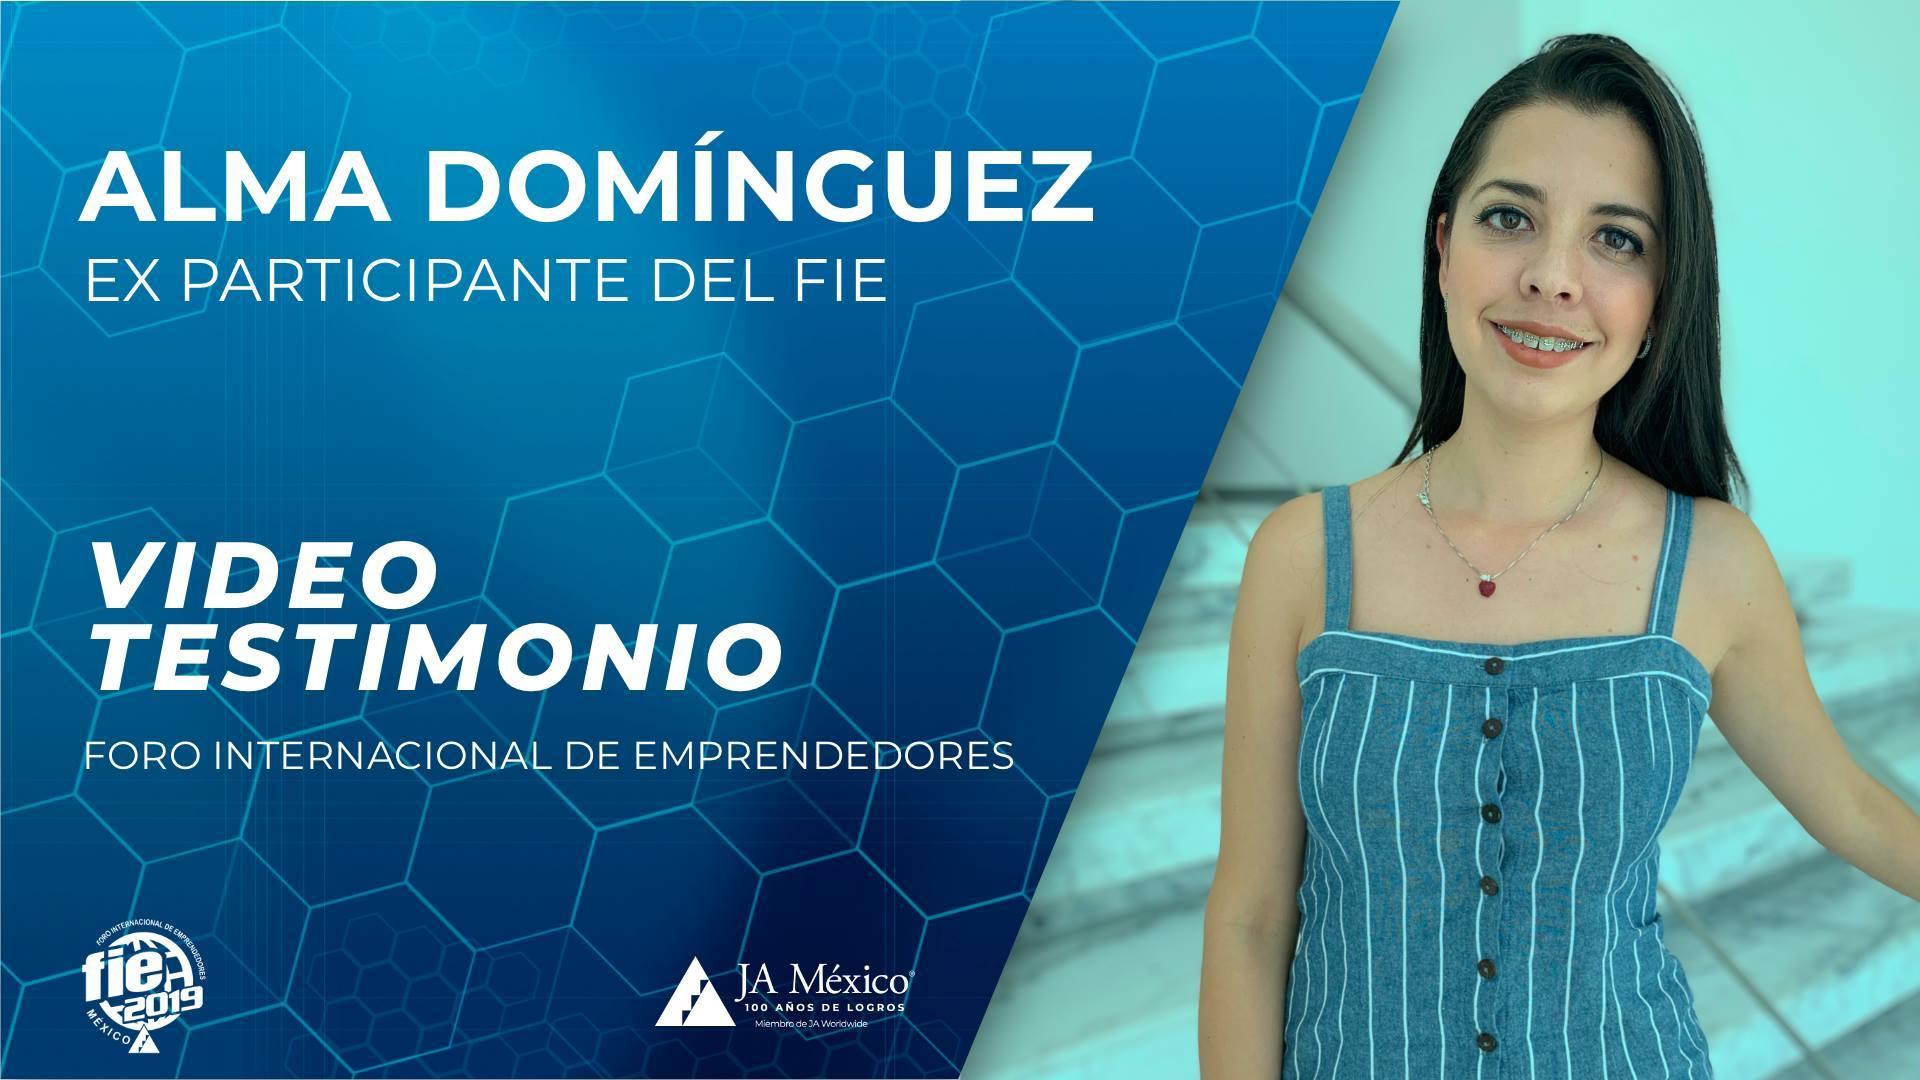 Alma Domínguez - Ex participante del FIE